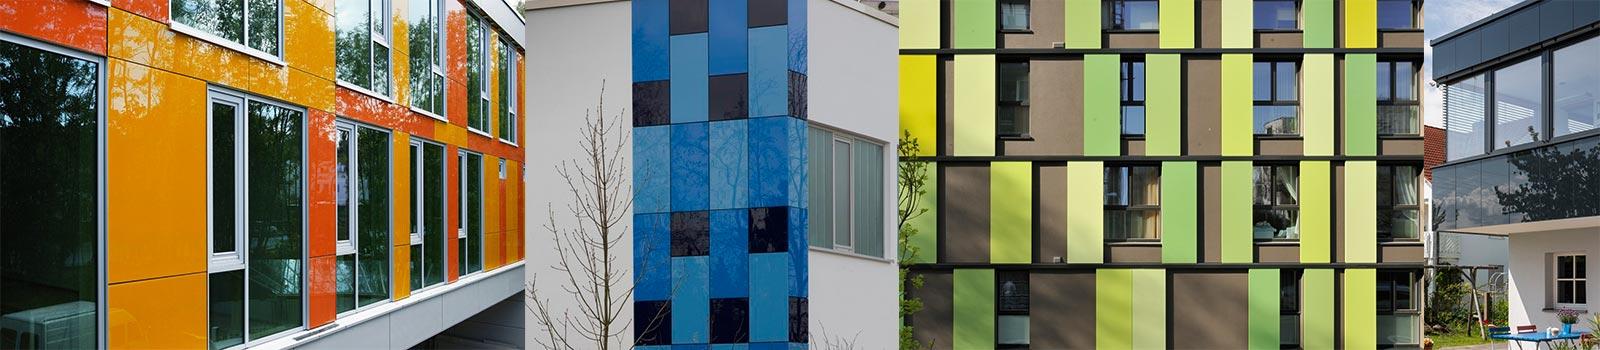 Abgeschlossene Projekte von Vorhangfassaden der 3B Denkmalpflege & Bausanierung GmbH